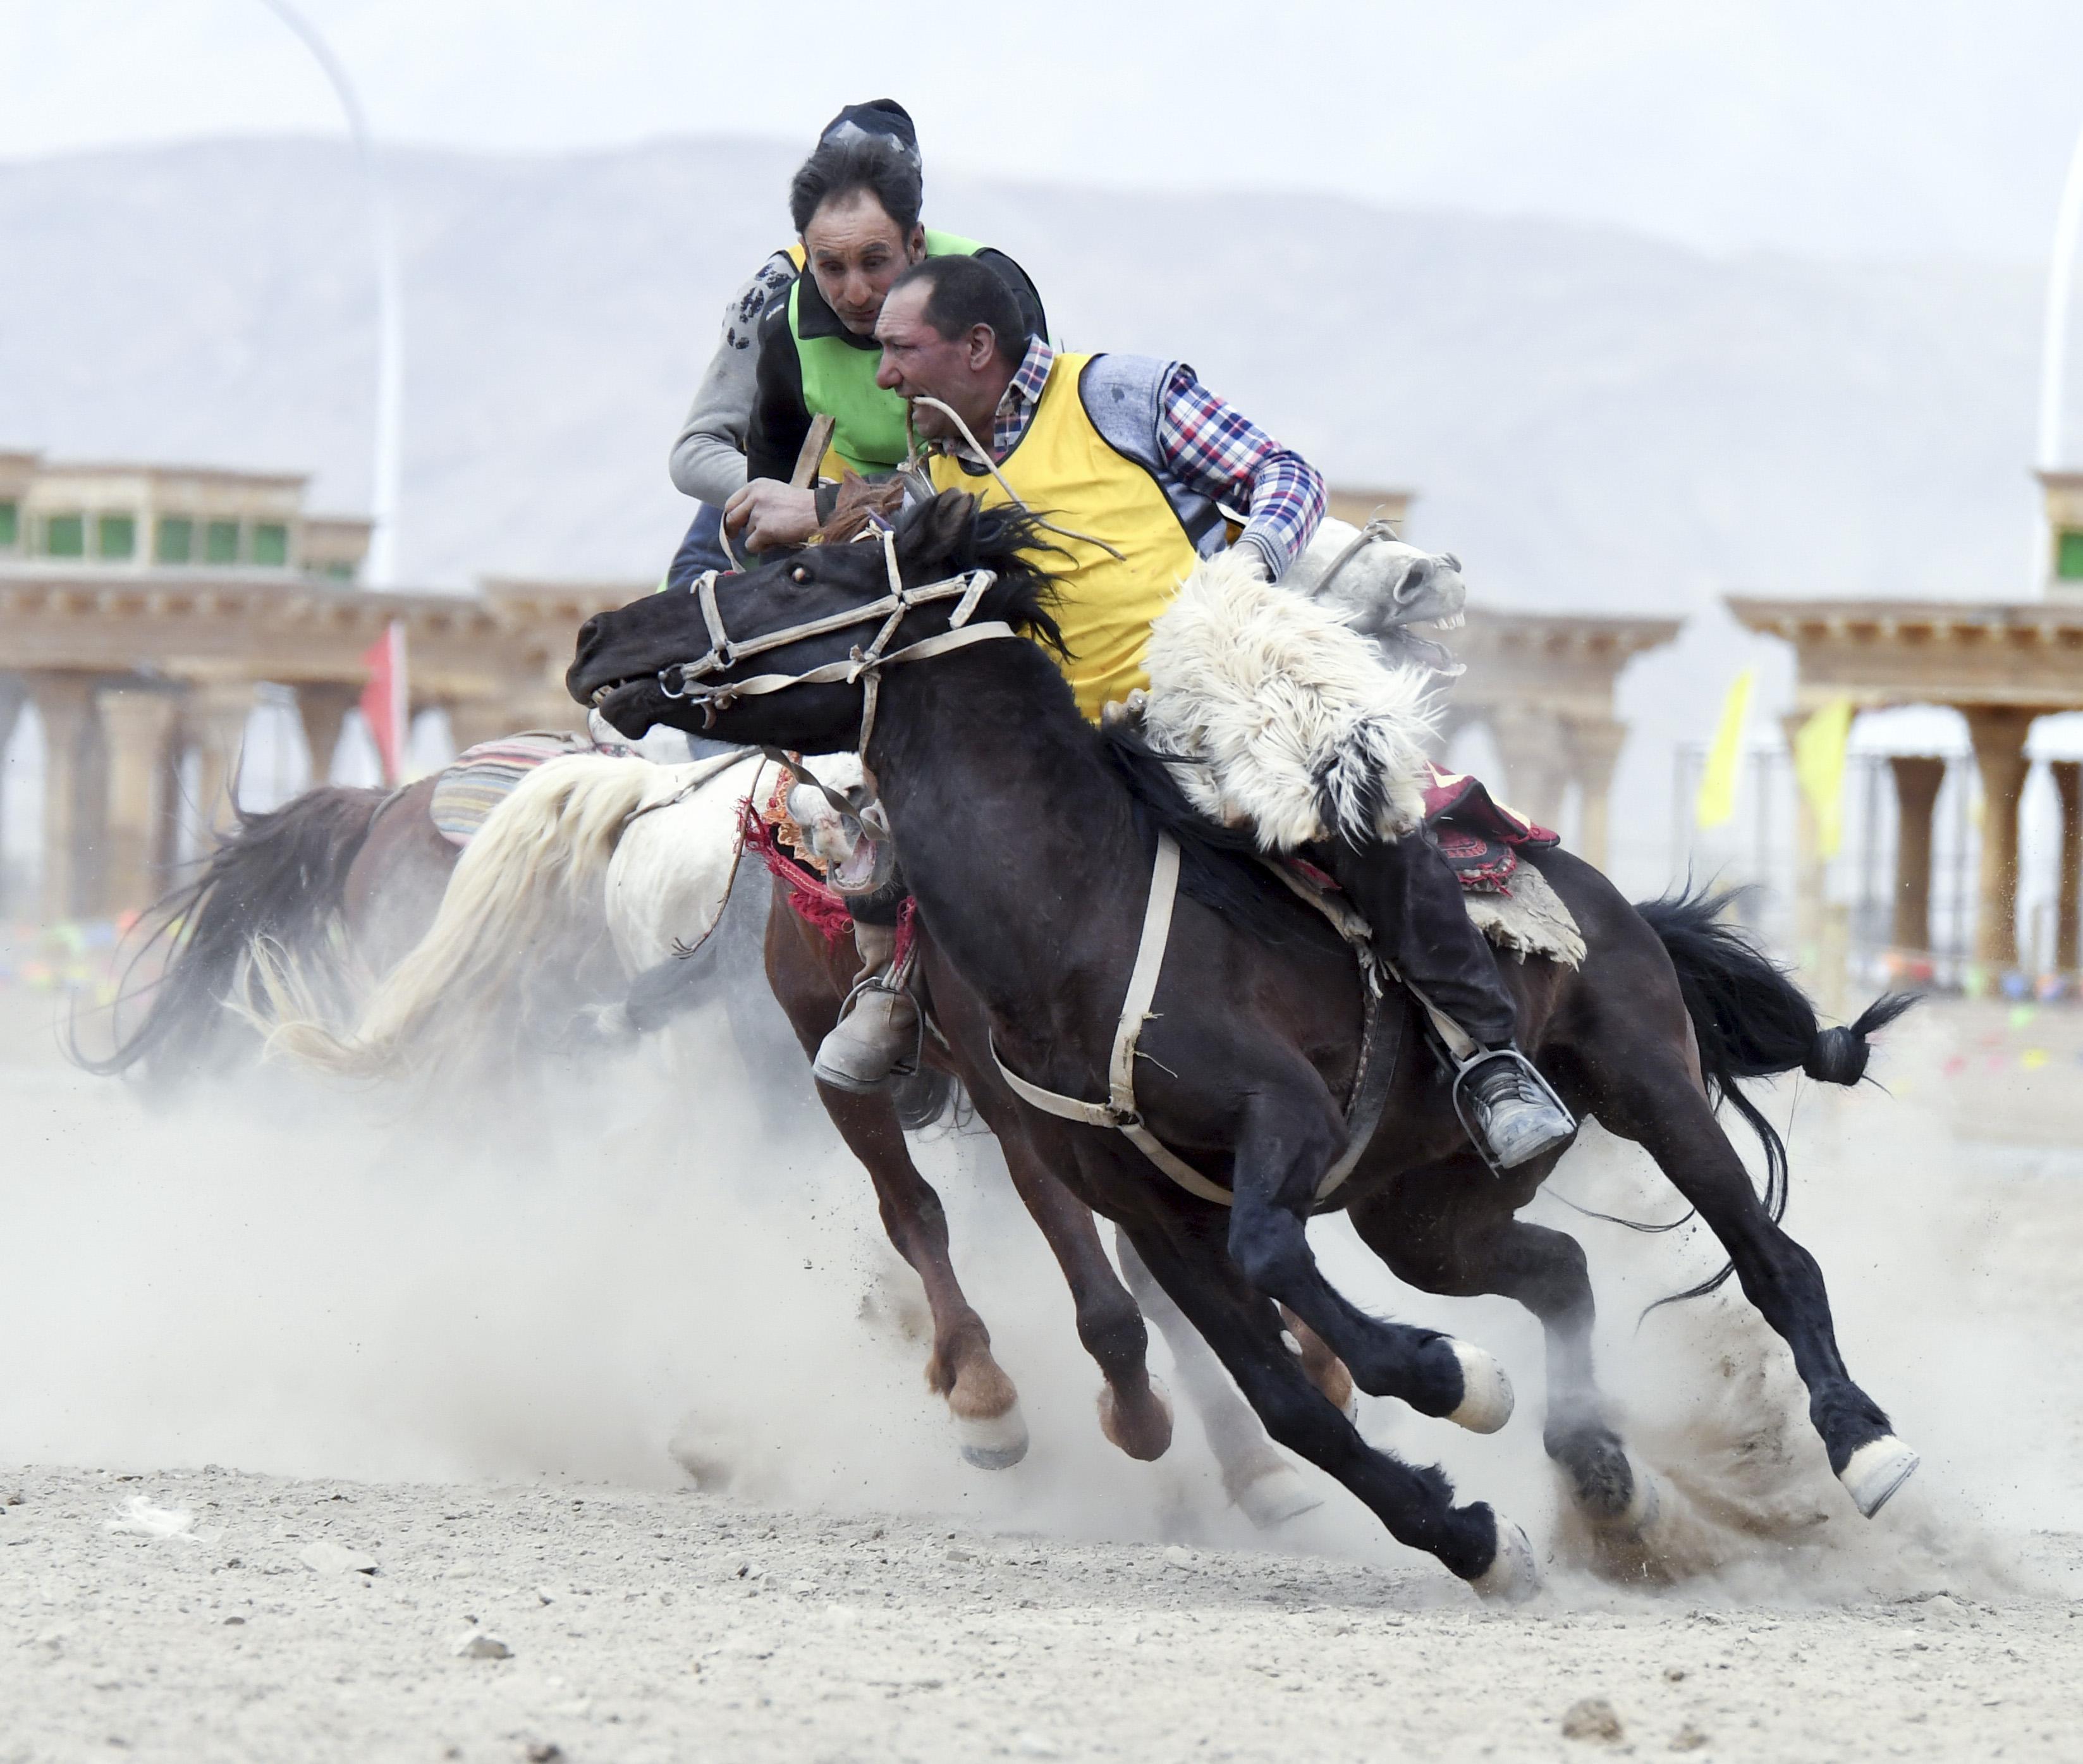 帕米尔高原上的叼羊比赛